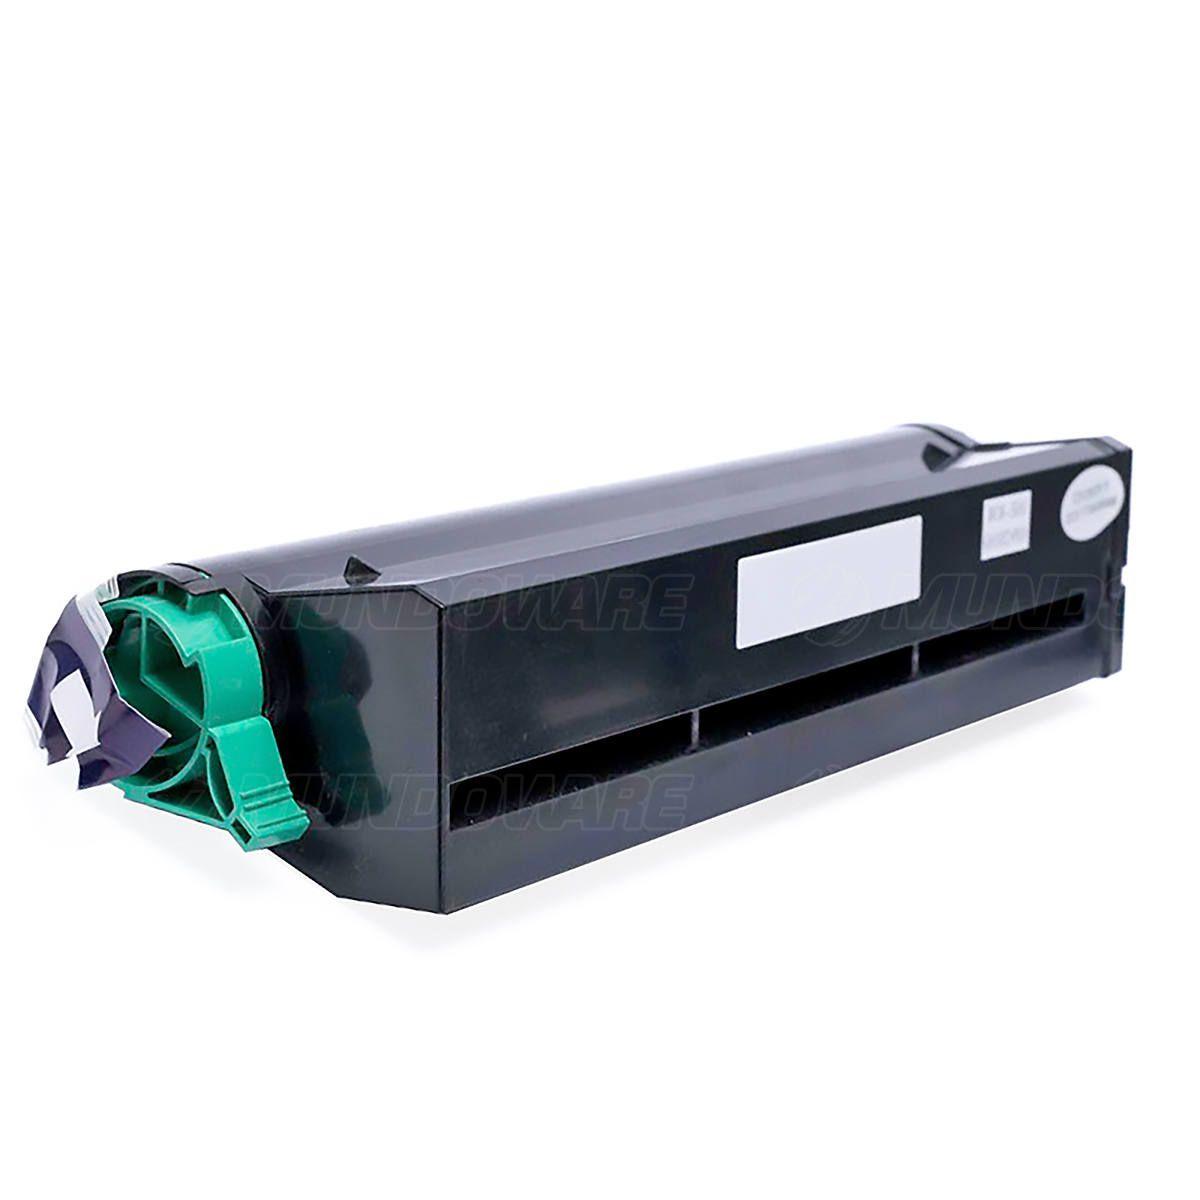 Compatível: Toner para Impressora Okidata B4200 B4250 B4300 B4350 Preto 6.000